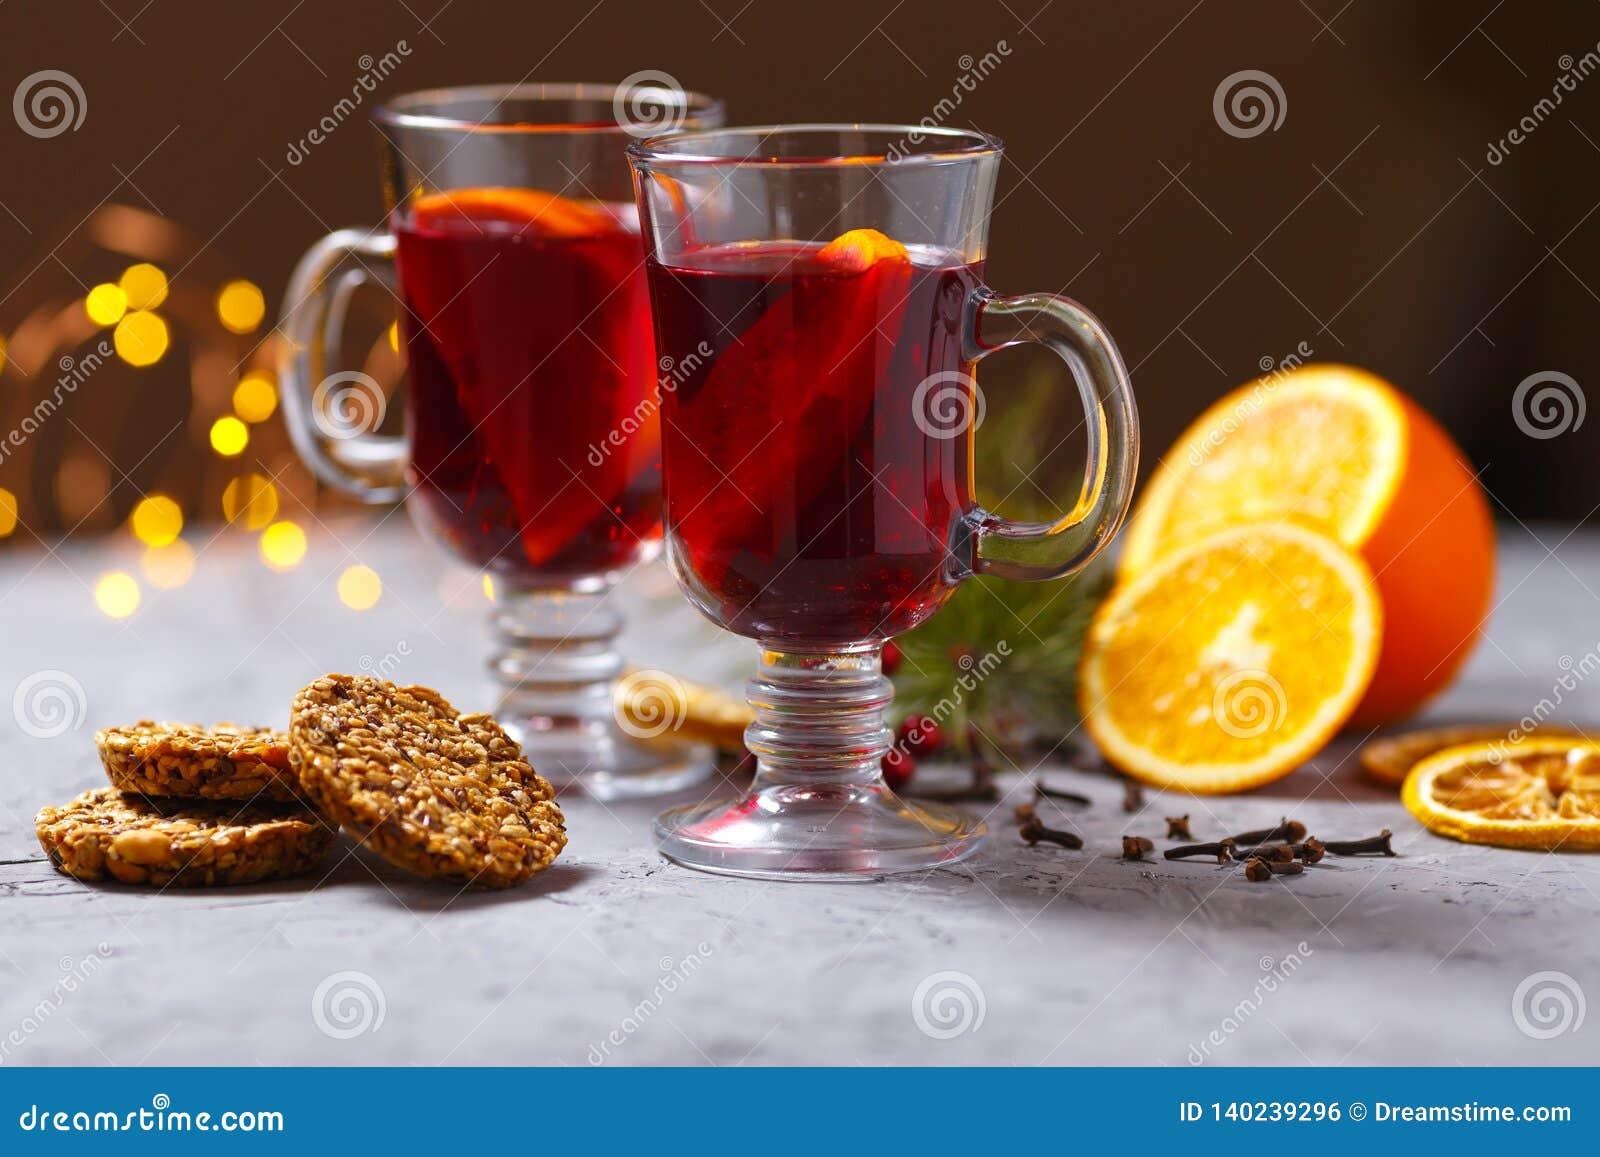 Vin rouge chauffé avec les épices et l orange sur le fond foncé Boisson de chauffage